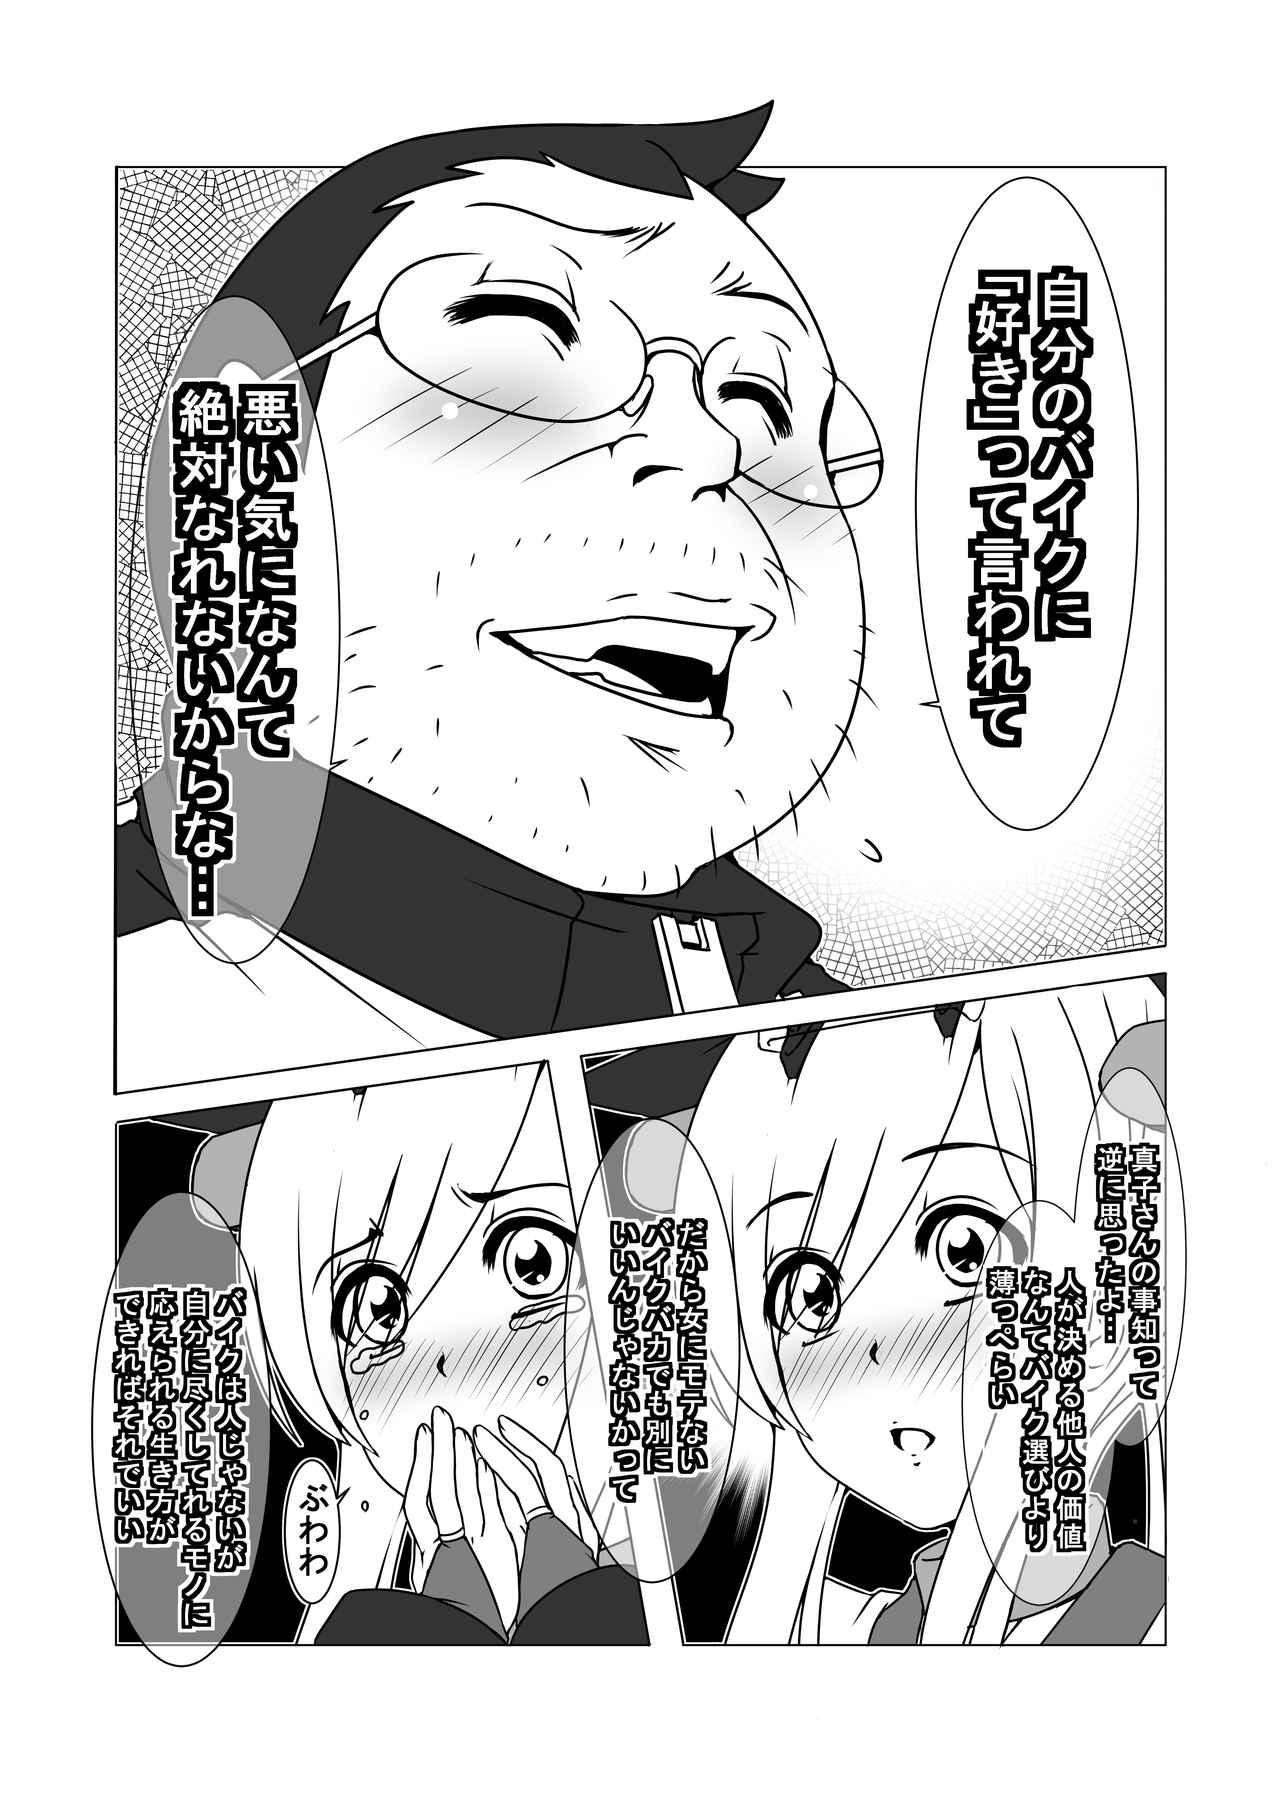 画像3: 『バイク擬人化菌書』連載:モテ期!?(第10話 峠のエース!?) 作:鈴木秀吉